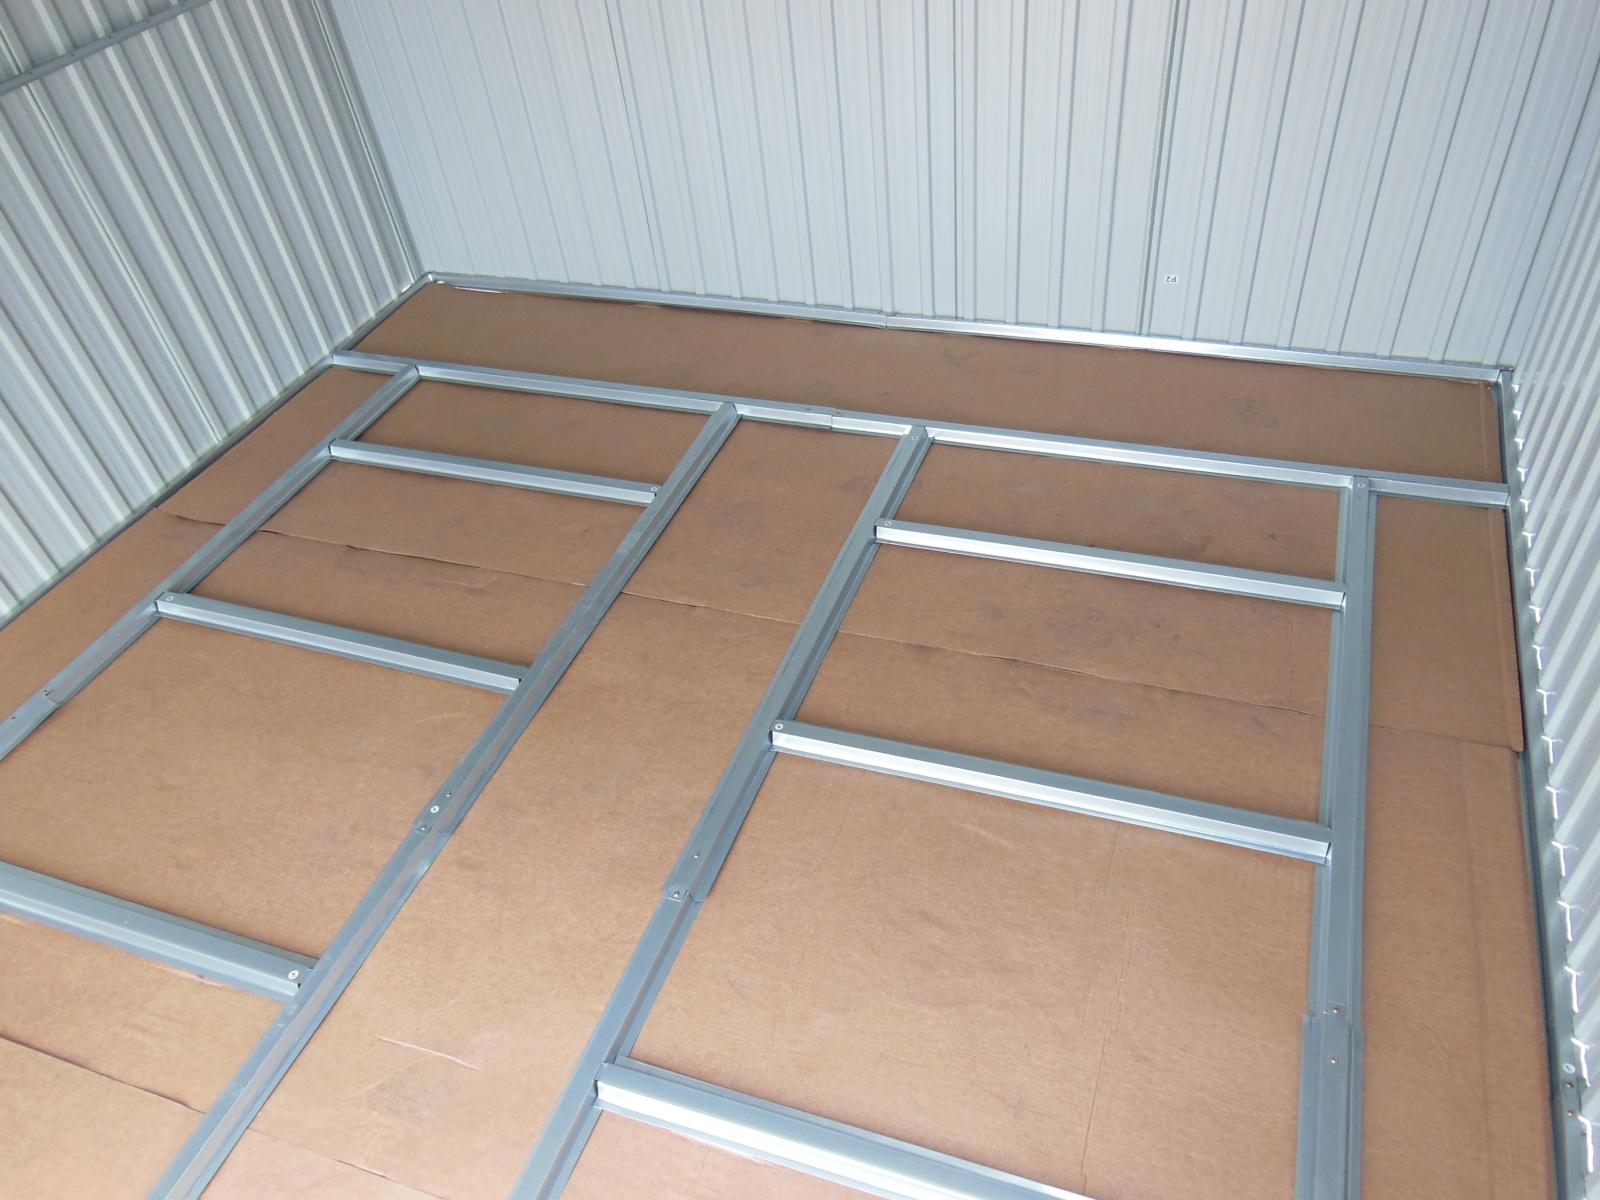 podlahová základna LANITPLAST LANITSTORAGE 10x12